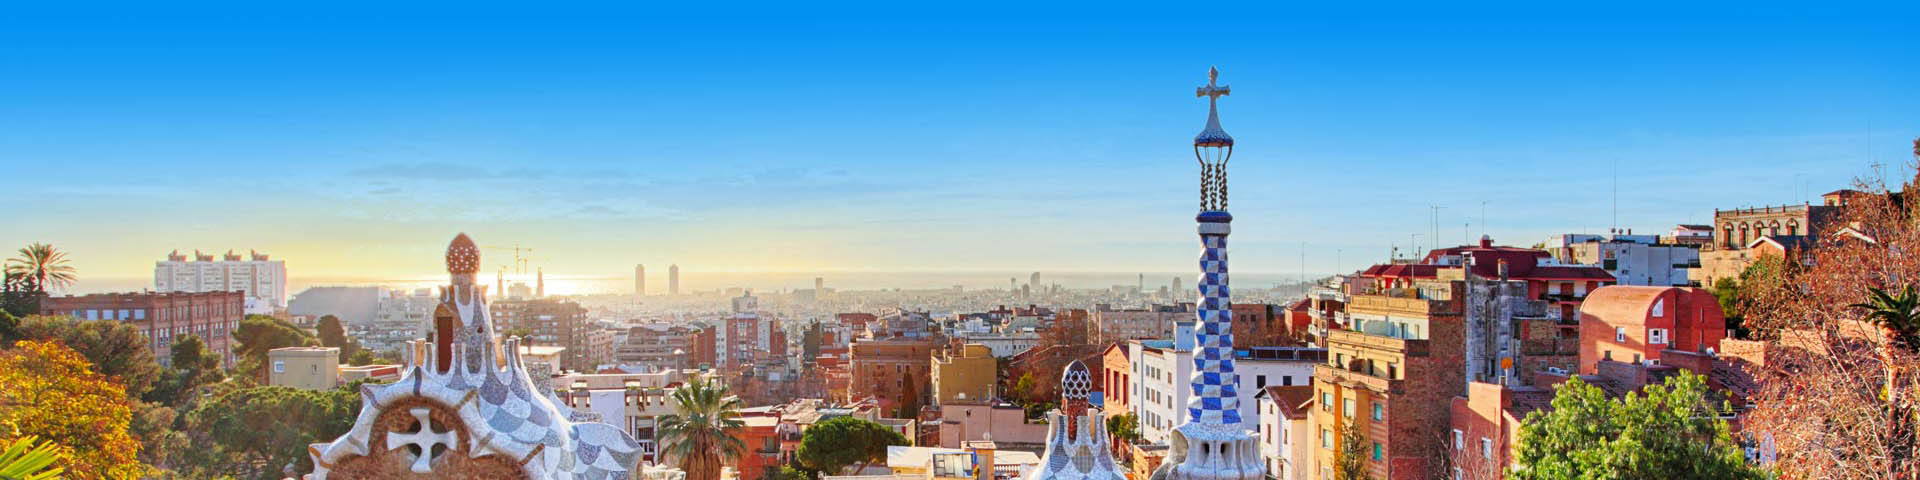 Uitzicht op de stad Barcelona met haar mooie bouwwerken